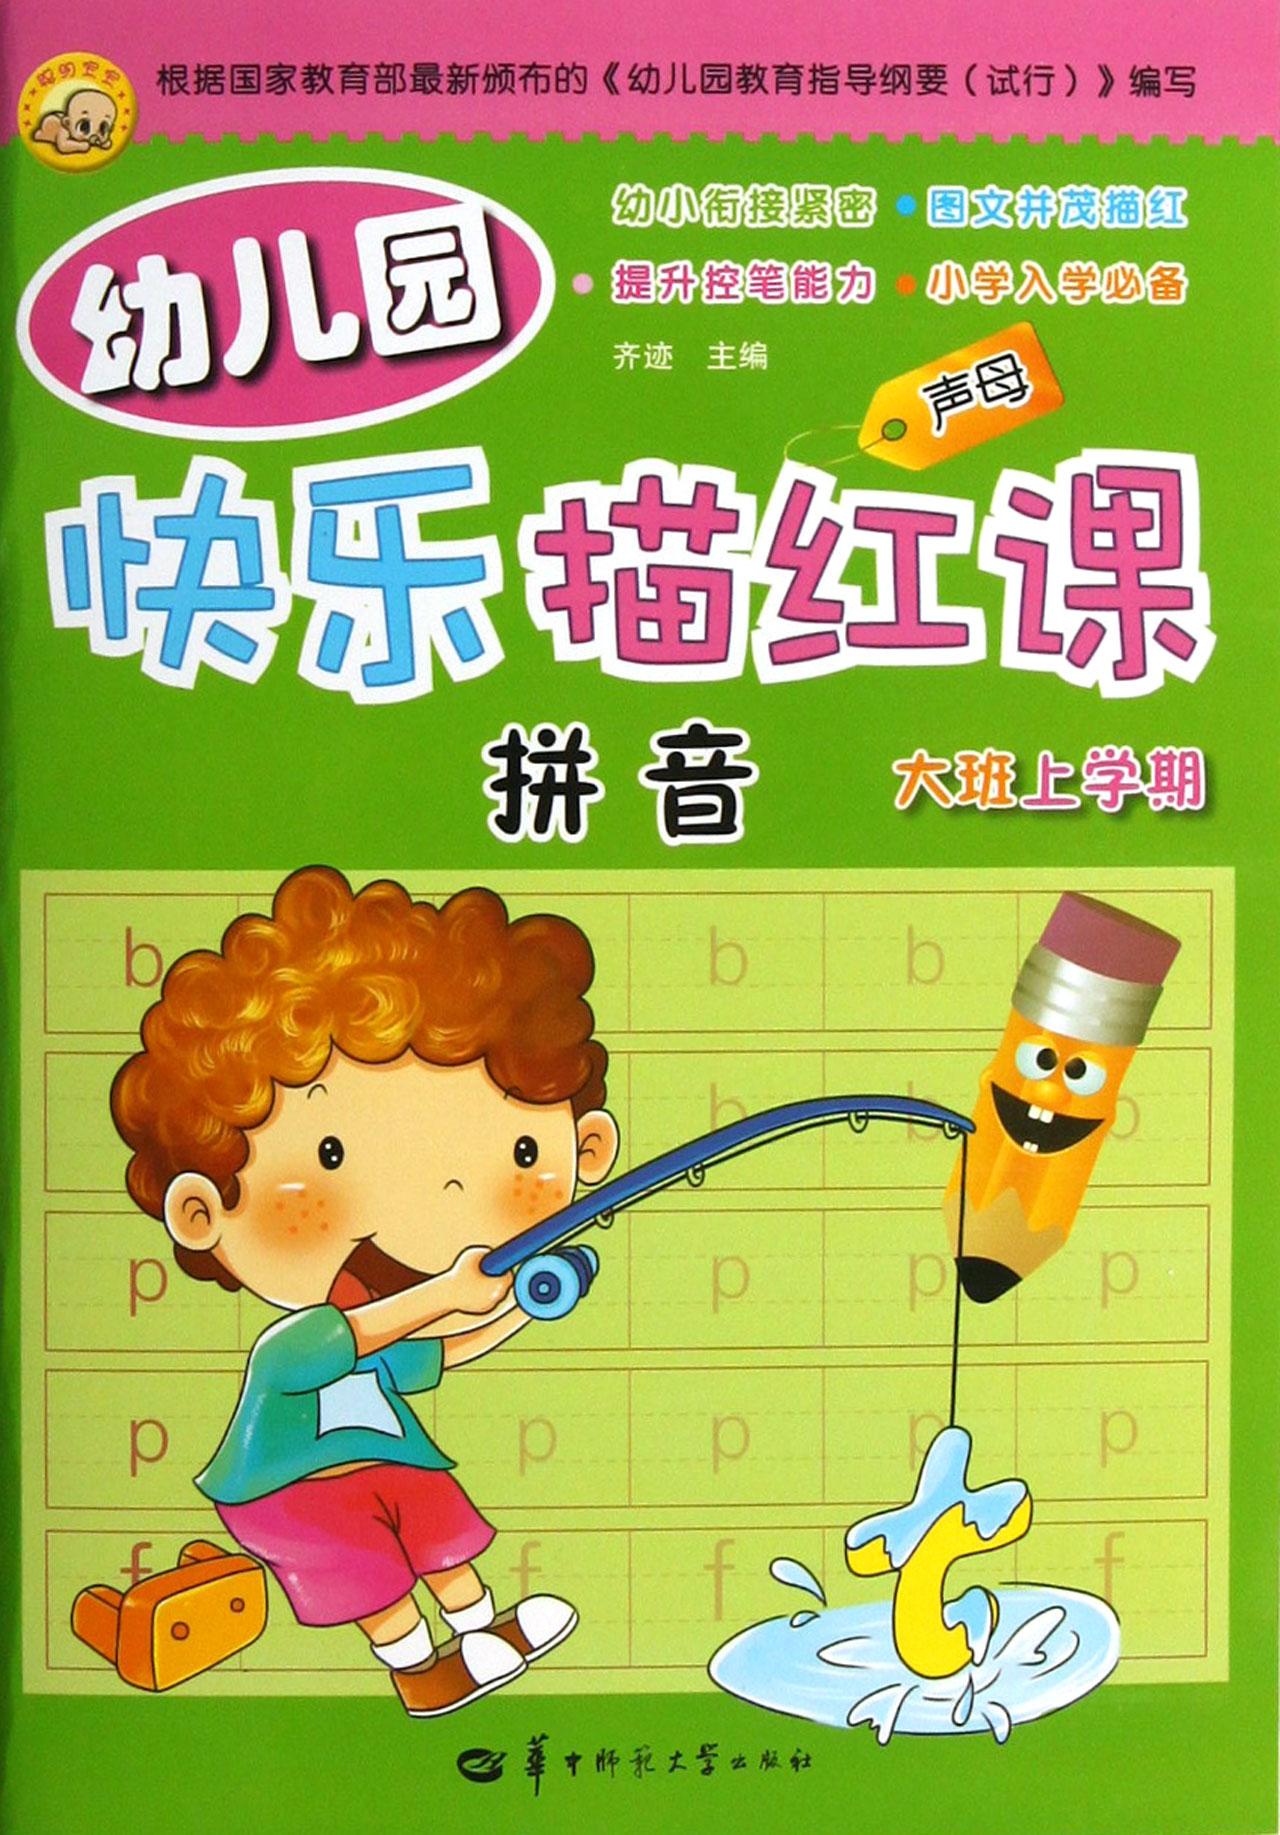 幼儿园快乐描红课(拼音大班上学期)